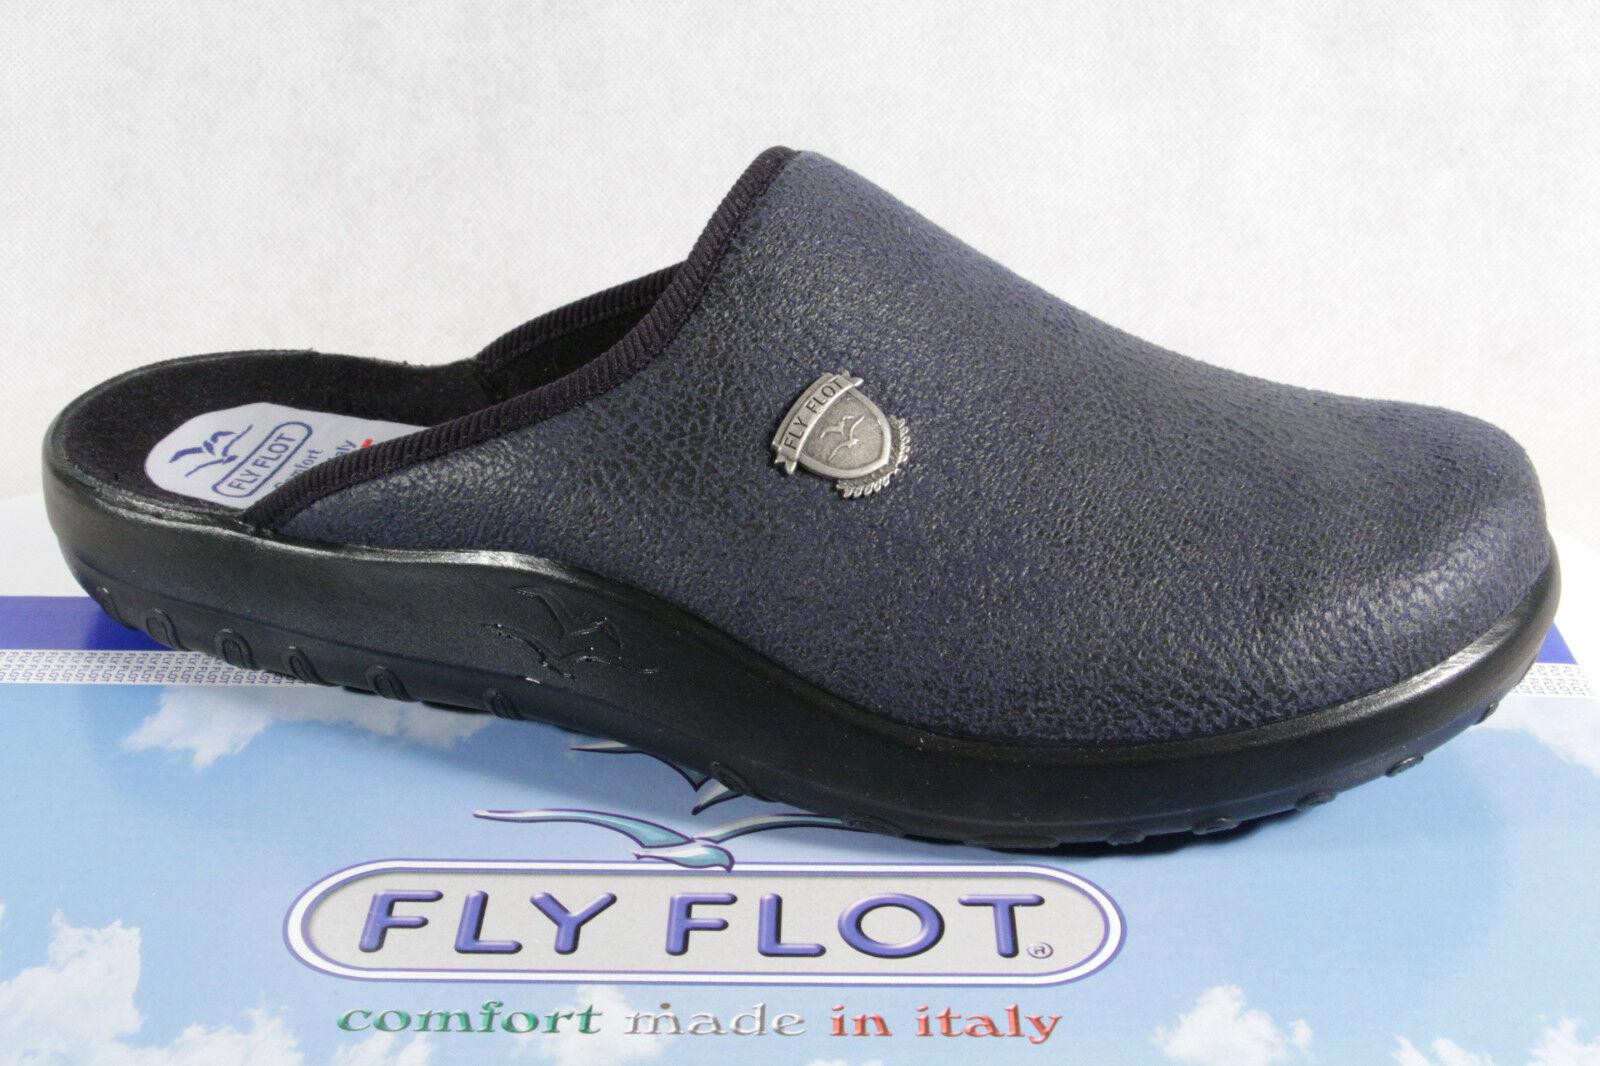 Fly Flot pantoffel hausschuhe pantoletten clogs Grau/ Schwarz neu